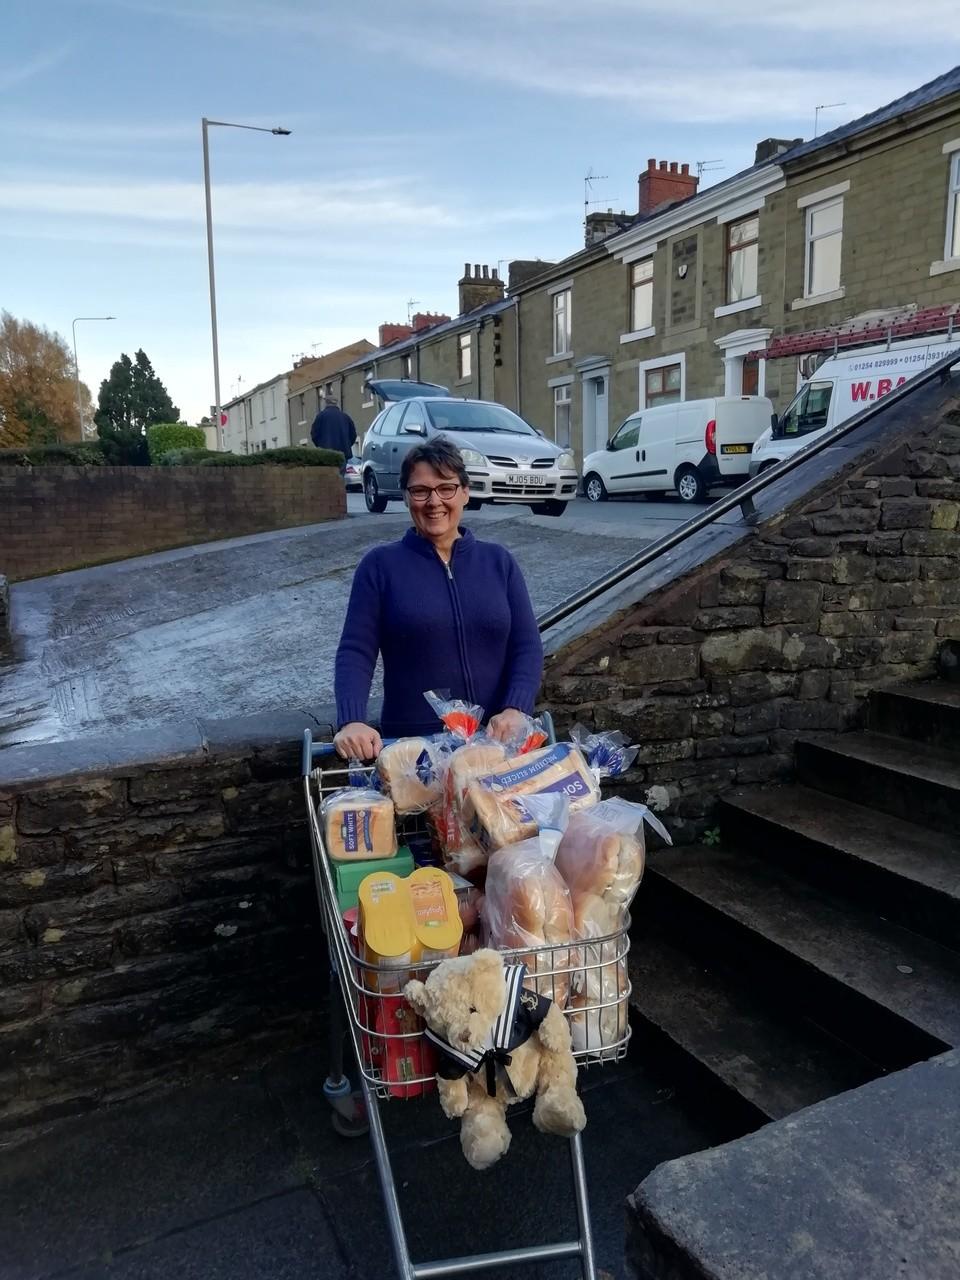 Accrington Asda colleague donates to the food bank | Asda Accrington